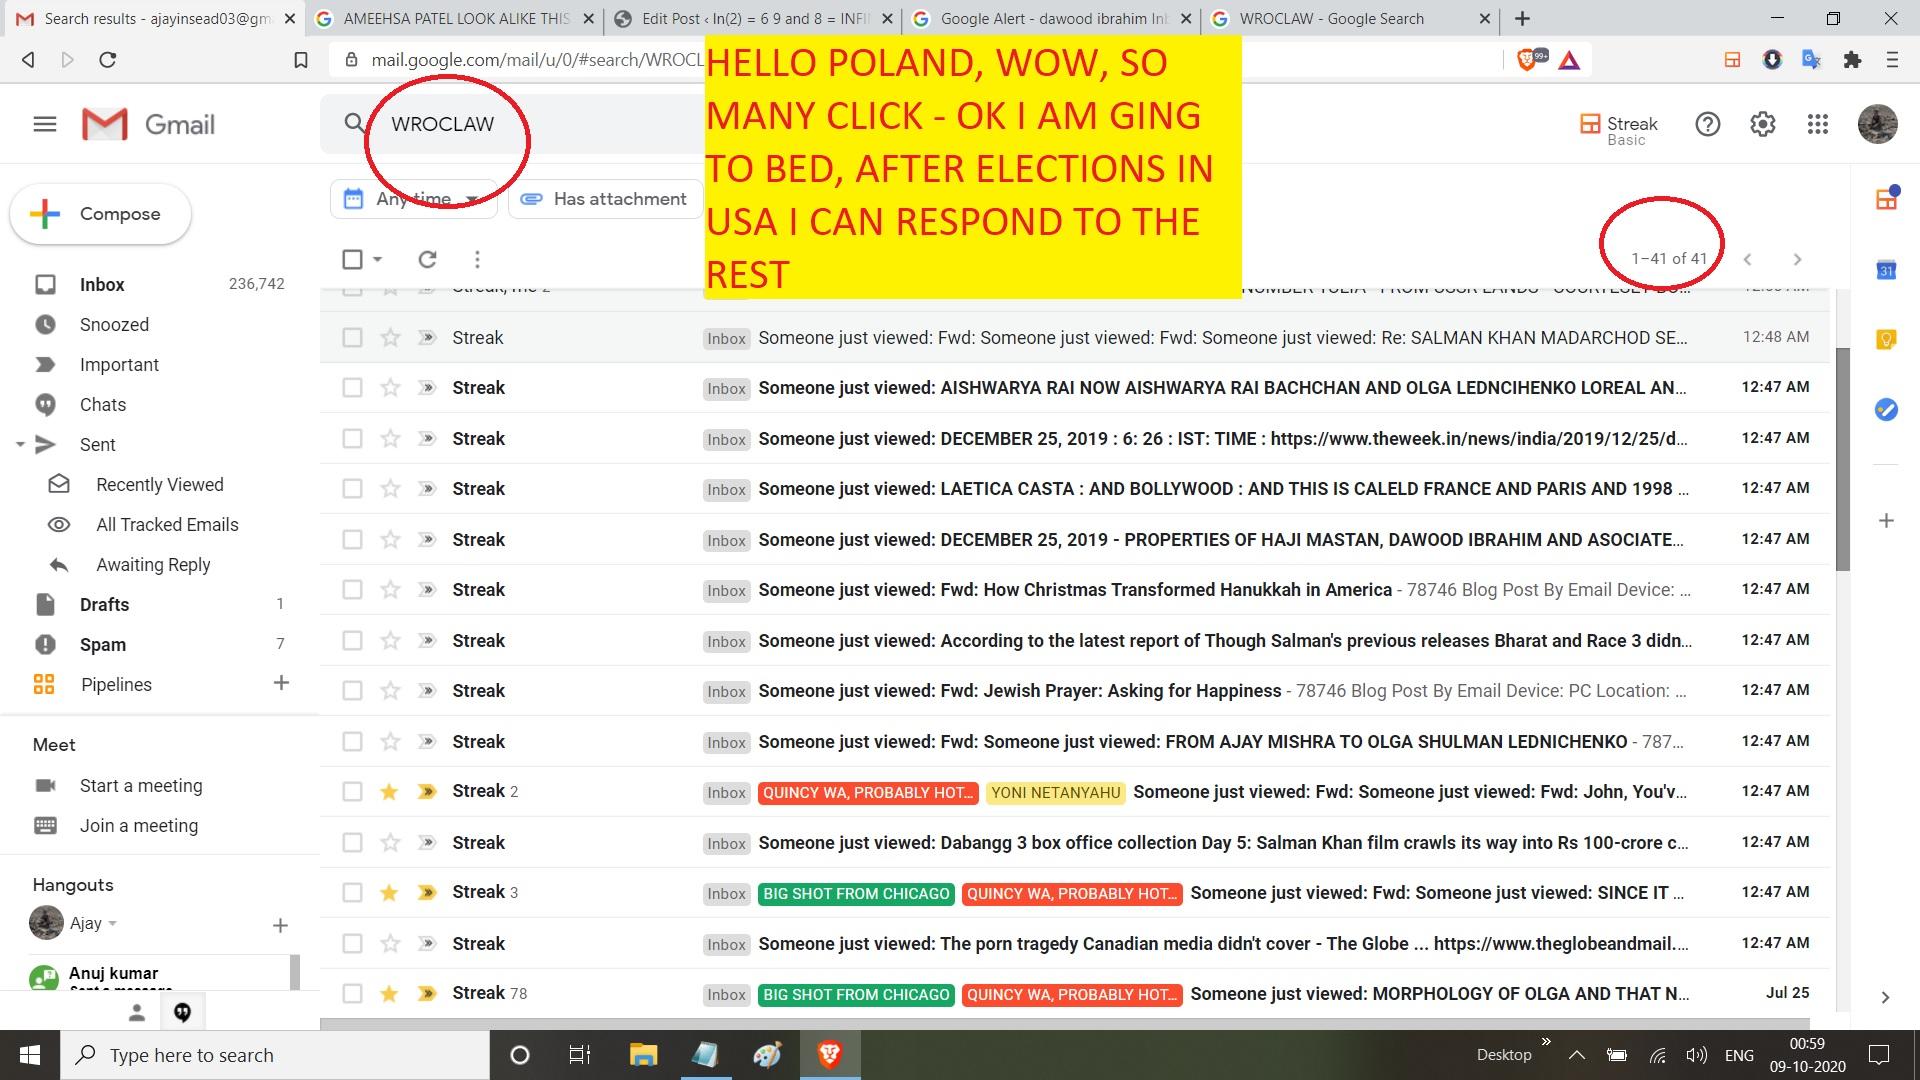 POLAND CLICKS